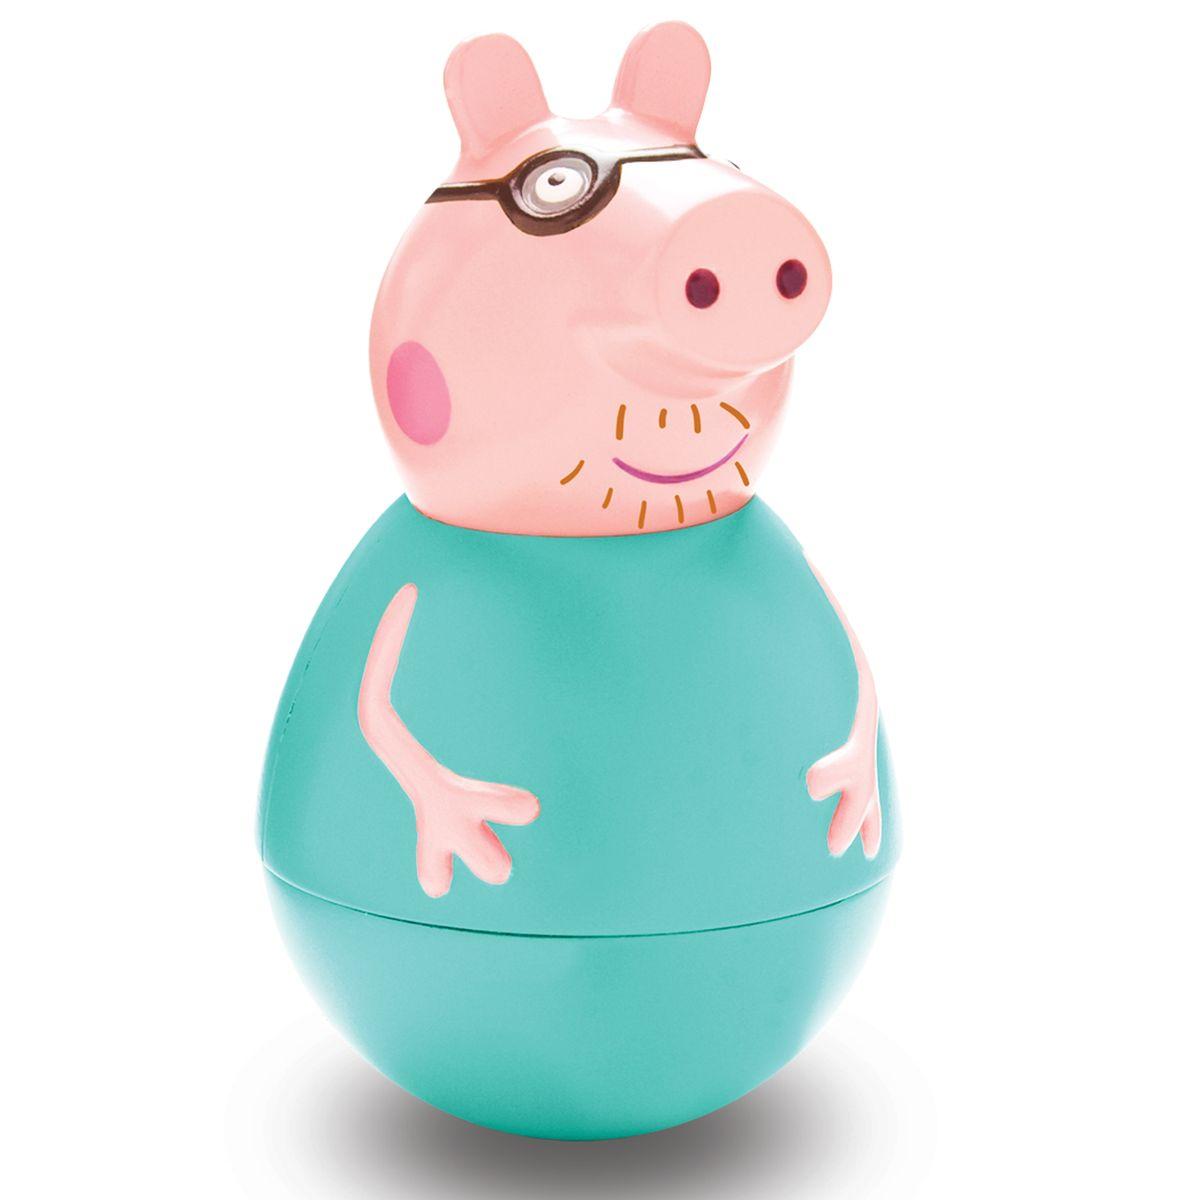 Peppa Pig Неваляшка Папа Пеппы28798Неваляшка Peppa Pig Папа Пеппы, созданная по мотивам мультсериала Peppa Pig привлечет внимание вашего малыша и станет для него любимой игрушкой. Качайте ее в разные стороны, а она никогда не упадет. Веселая игра с ней развивает у детей координацию движений, тренирует цветовосприятие и мышление. Соберите коллекцию неваляшек в виде любимых героев мультфильма «Свинка Пеппа» и устраивайте веселые игры с малютками!